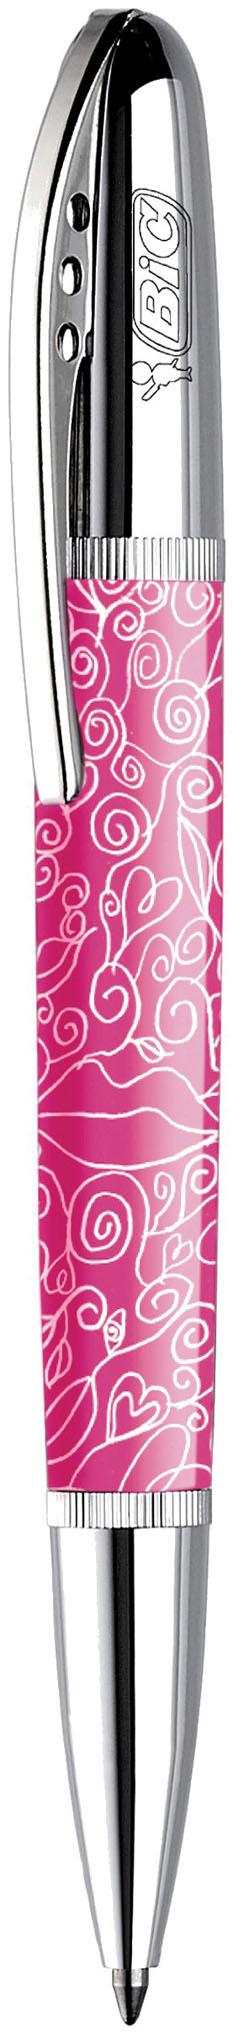 bic-em-rosa-e-azul.jpg